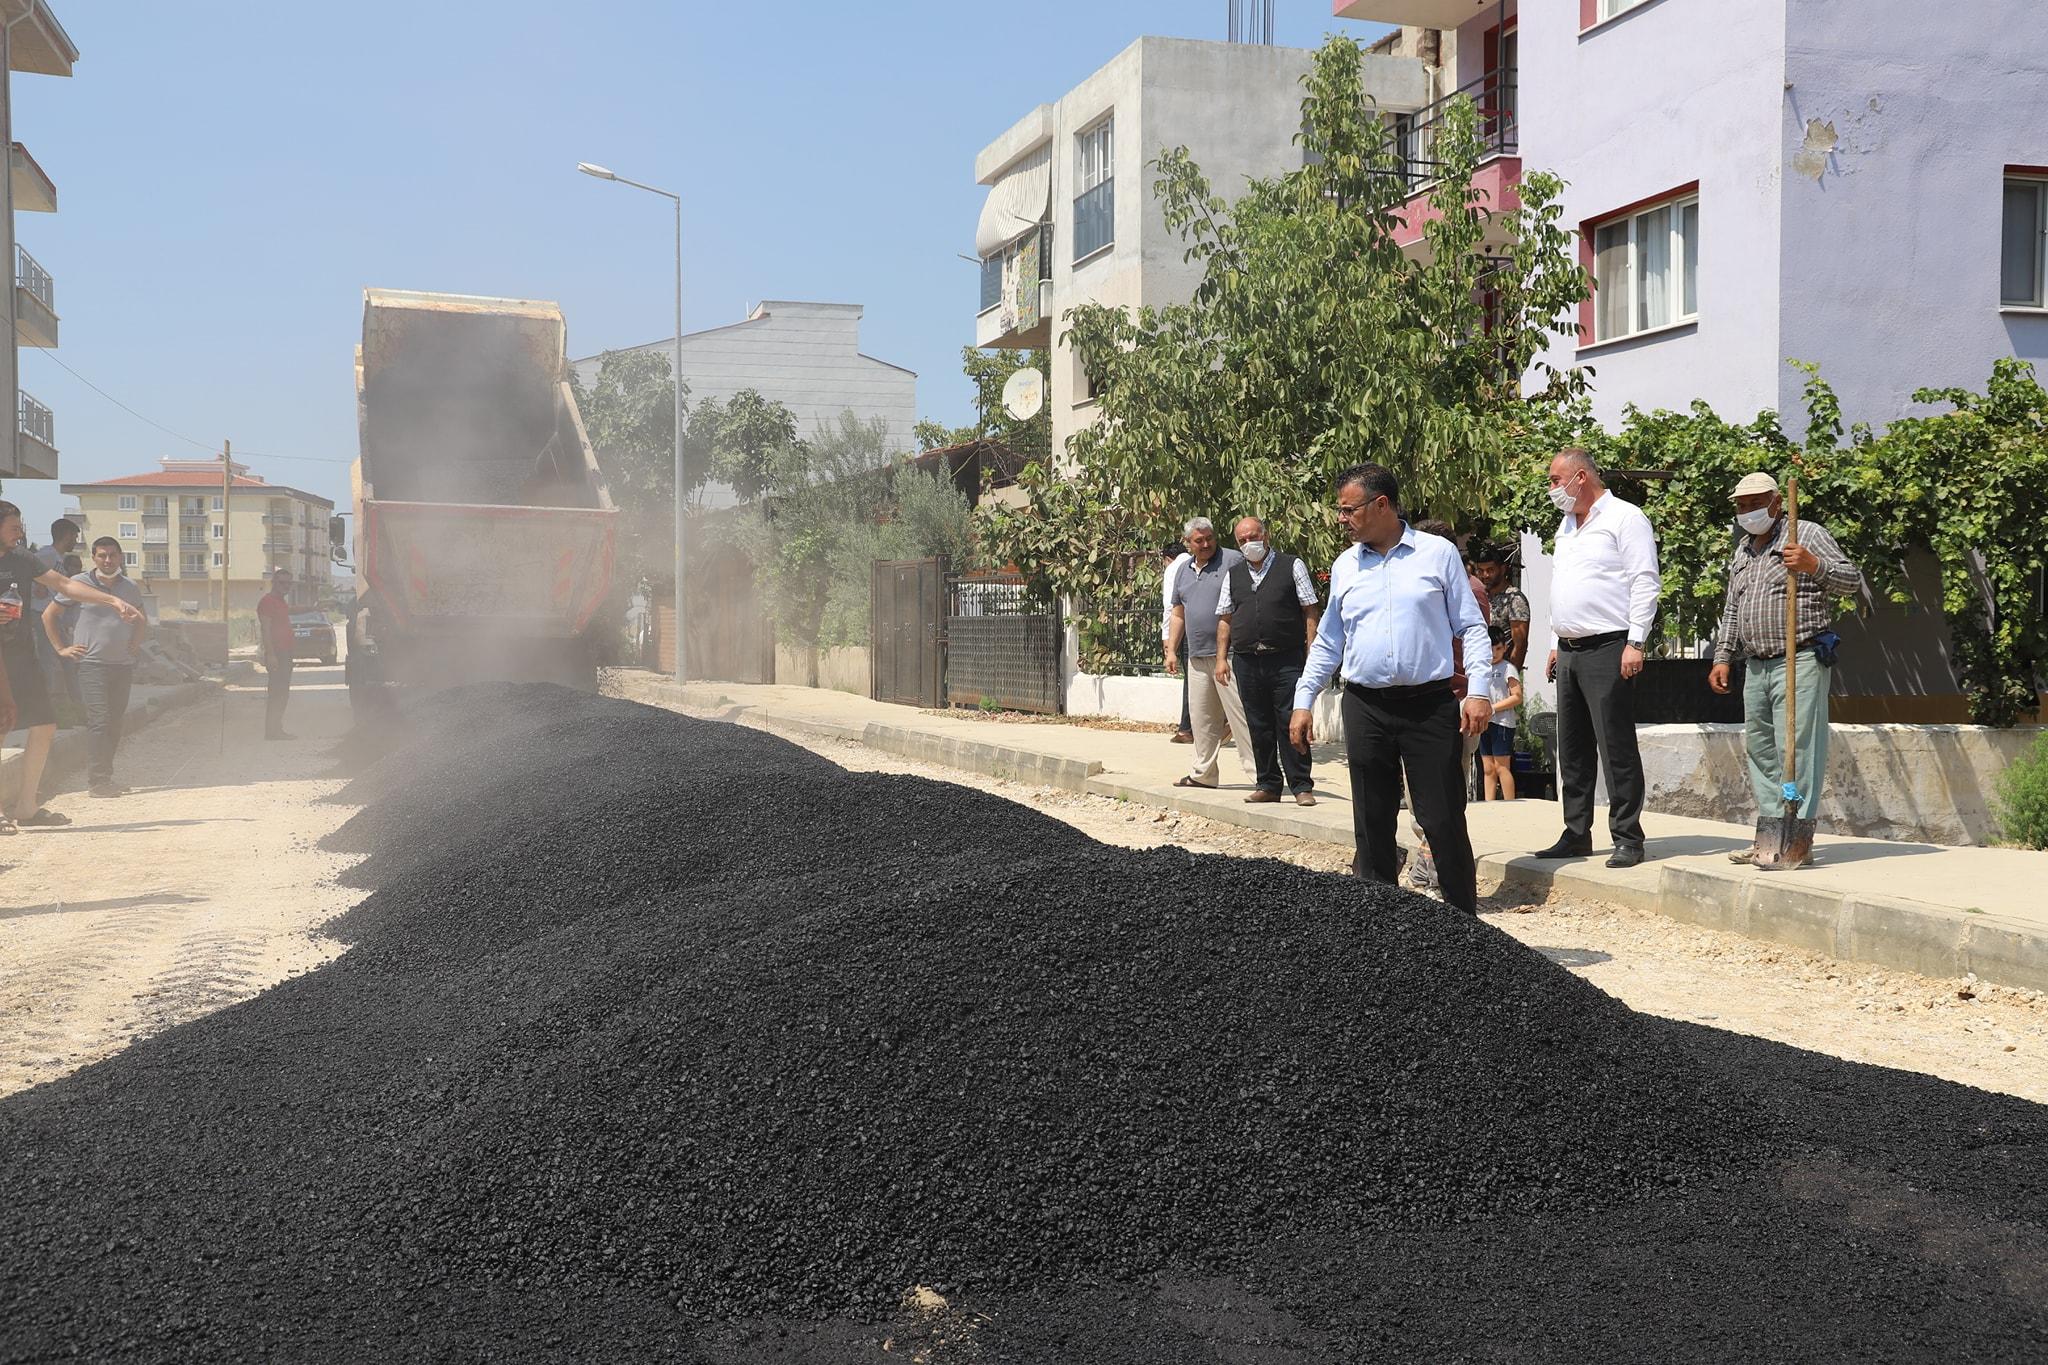 İstasyon Mahallemizdeki yıllardır sorun olan yolda sıcak asfalt çalışmalarına başladık.